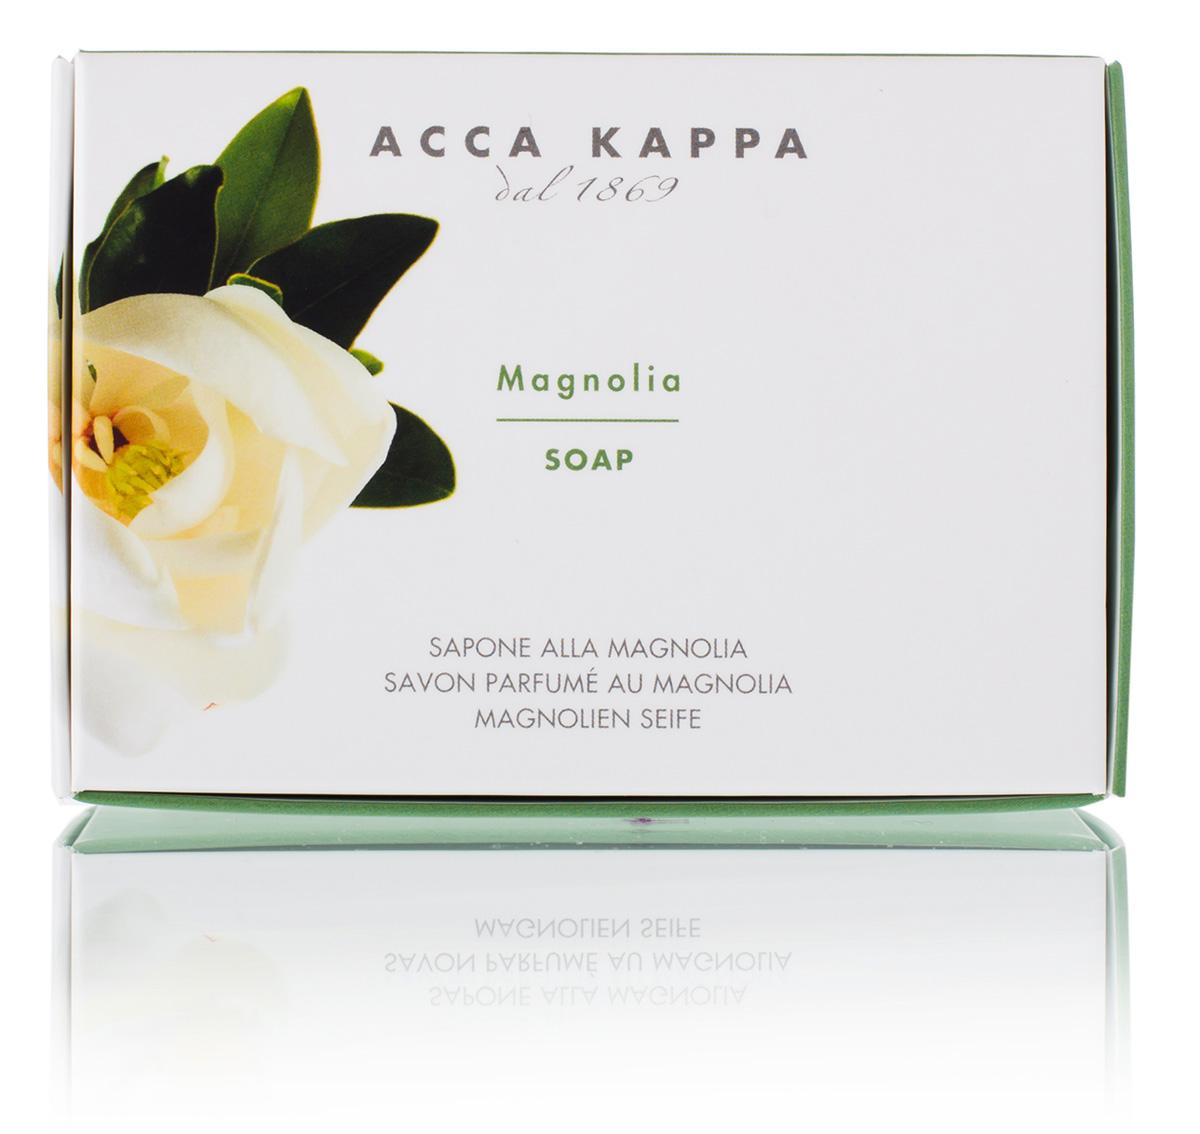 Acca Kappa Мыло туалетное Магнолия 150 гр81484111Мыло создано с использованием традиционных методов из сырья исключительно растительного происхождения.